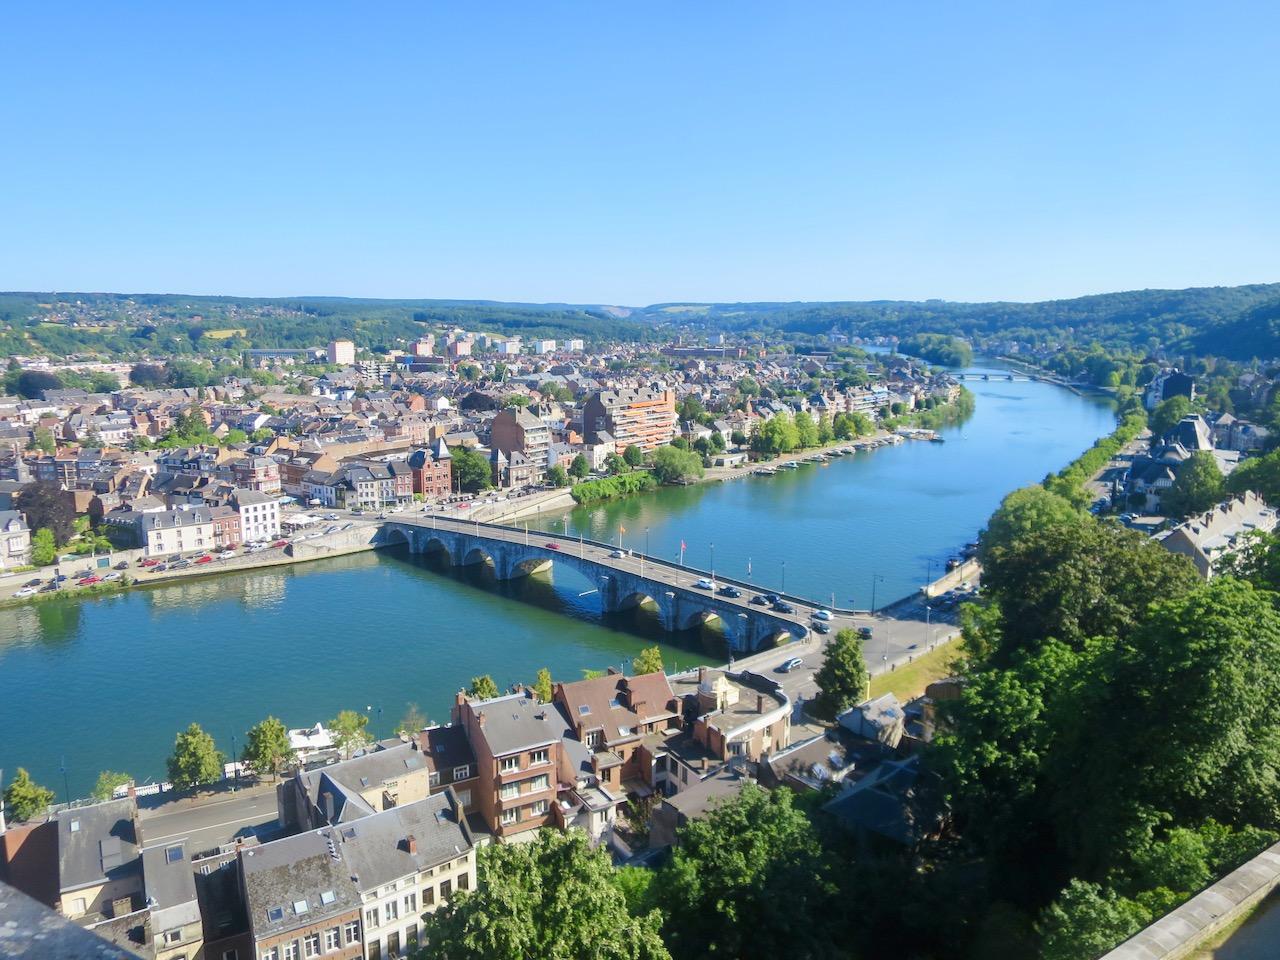 Rio Mosa em Namur, Bélgica